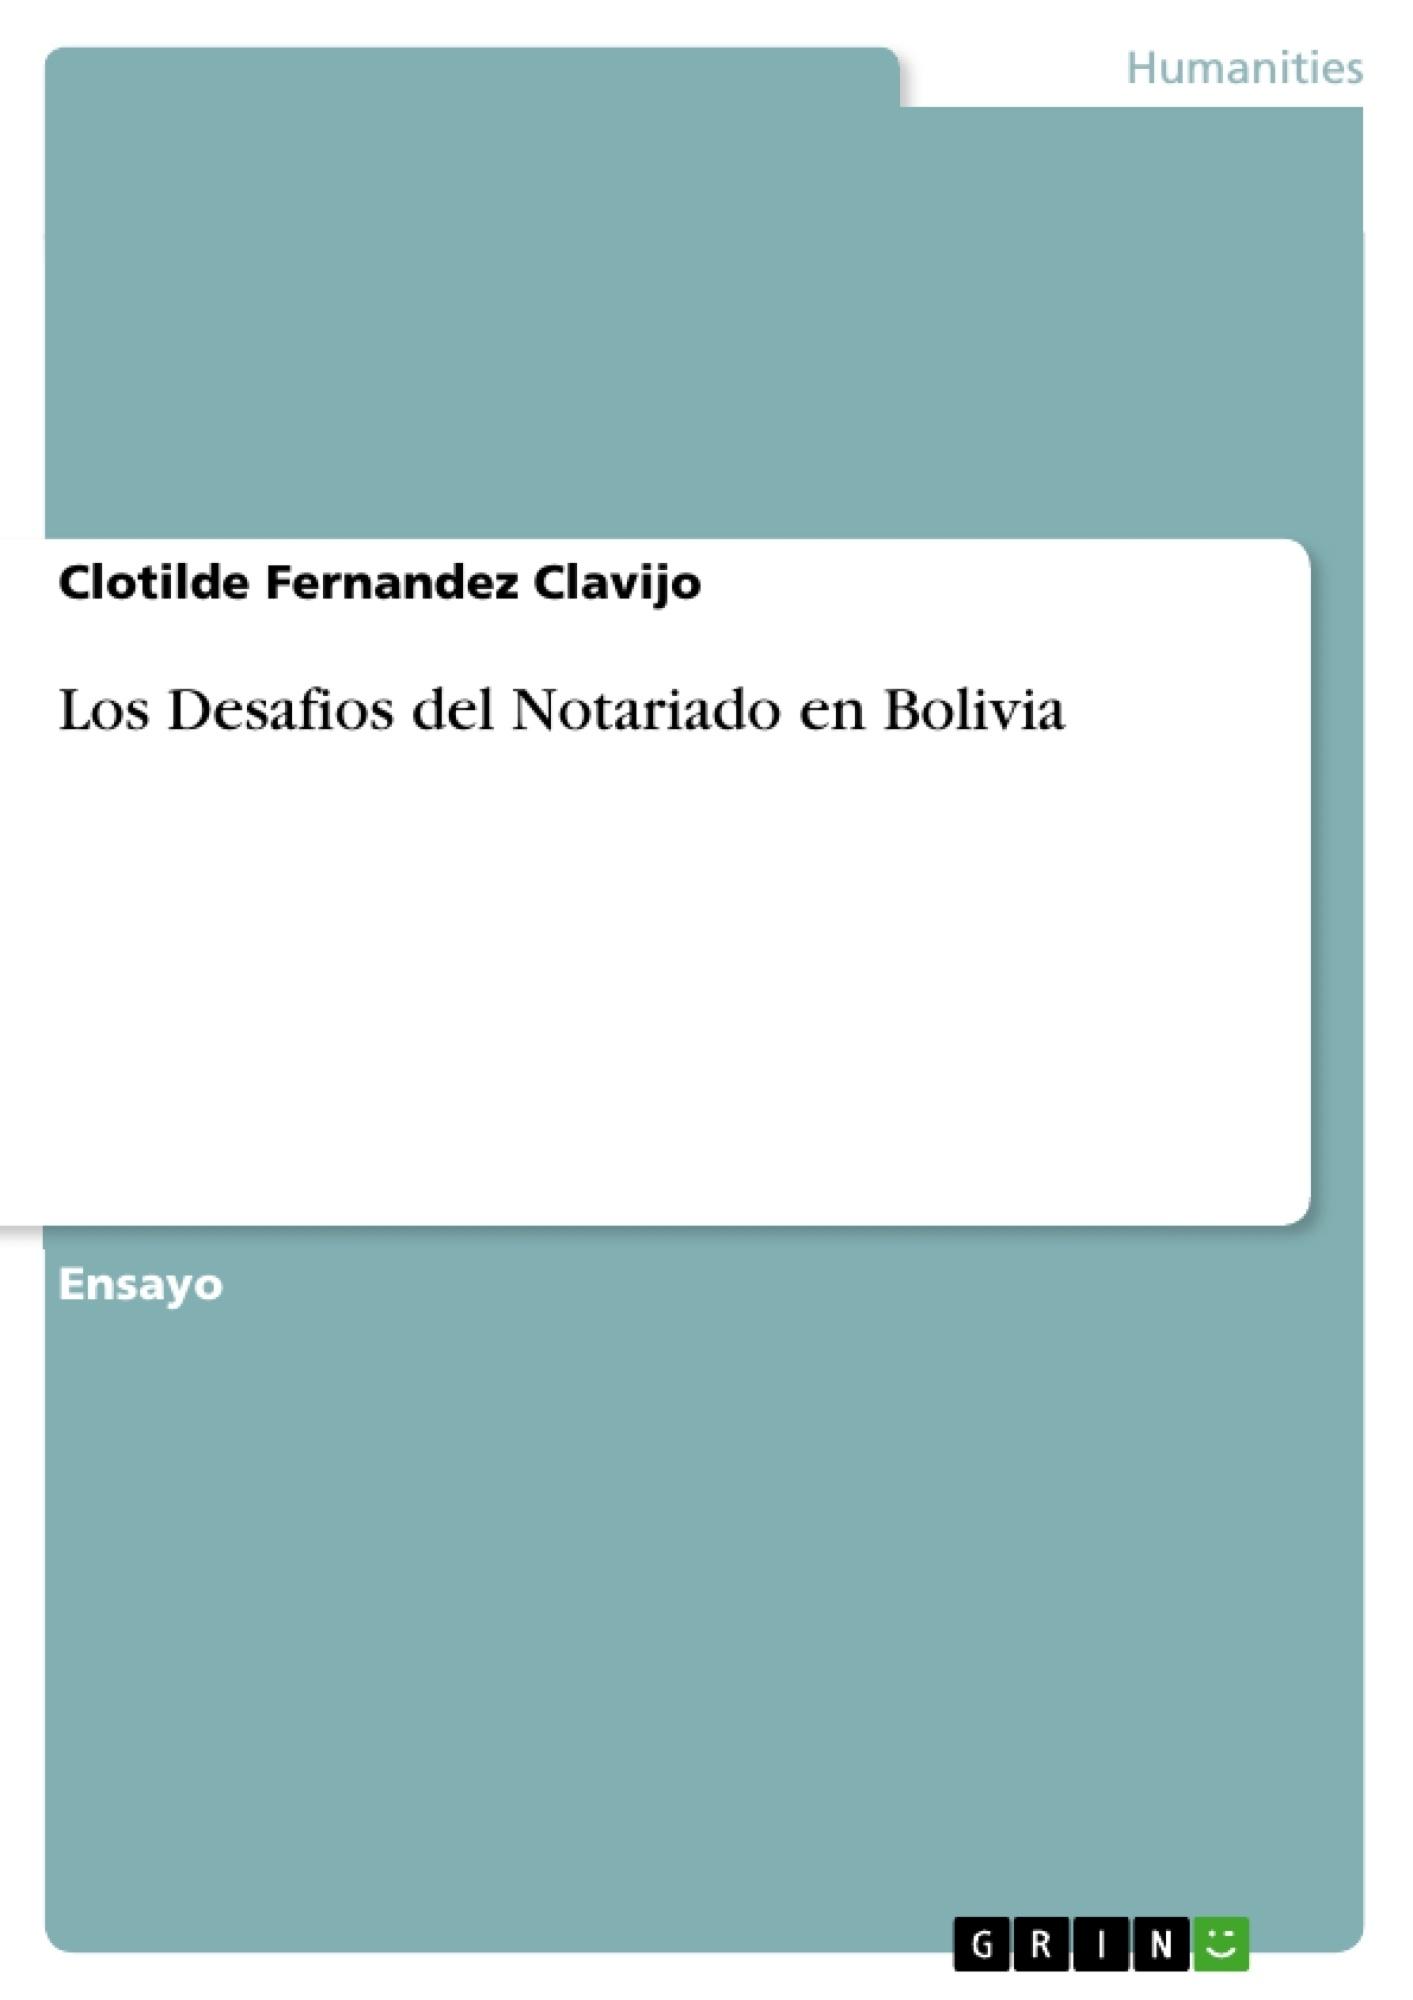 Título: Los Desafios del Notariado en Bolivia